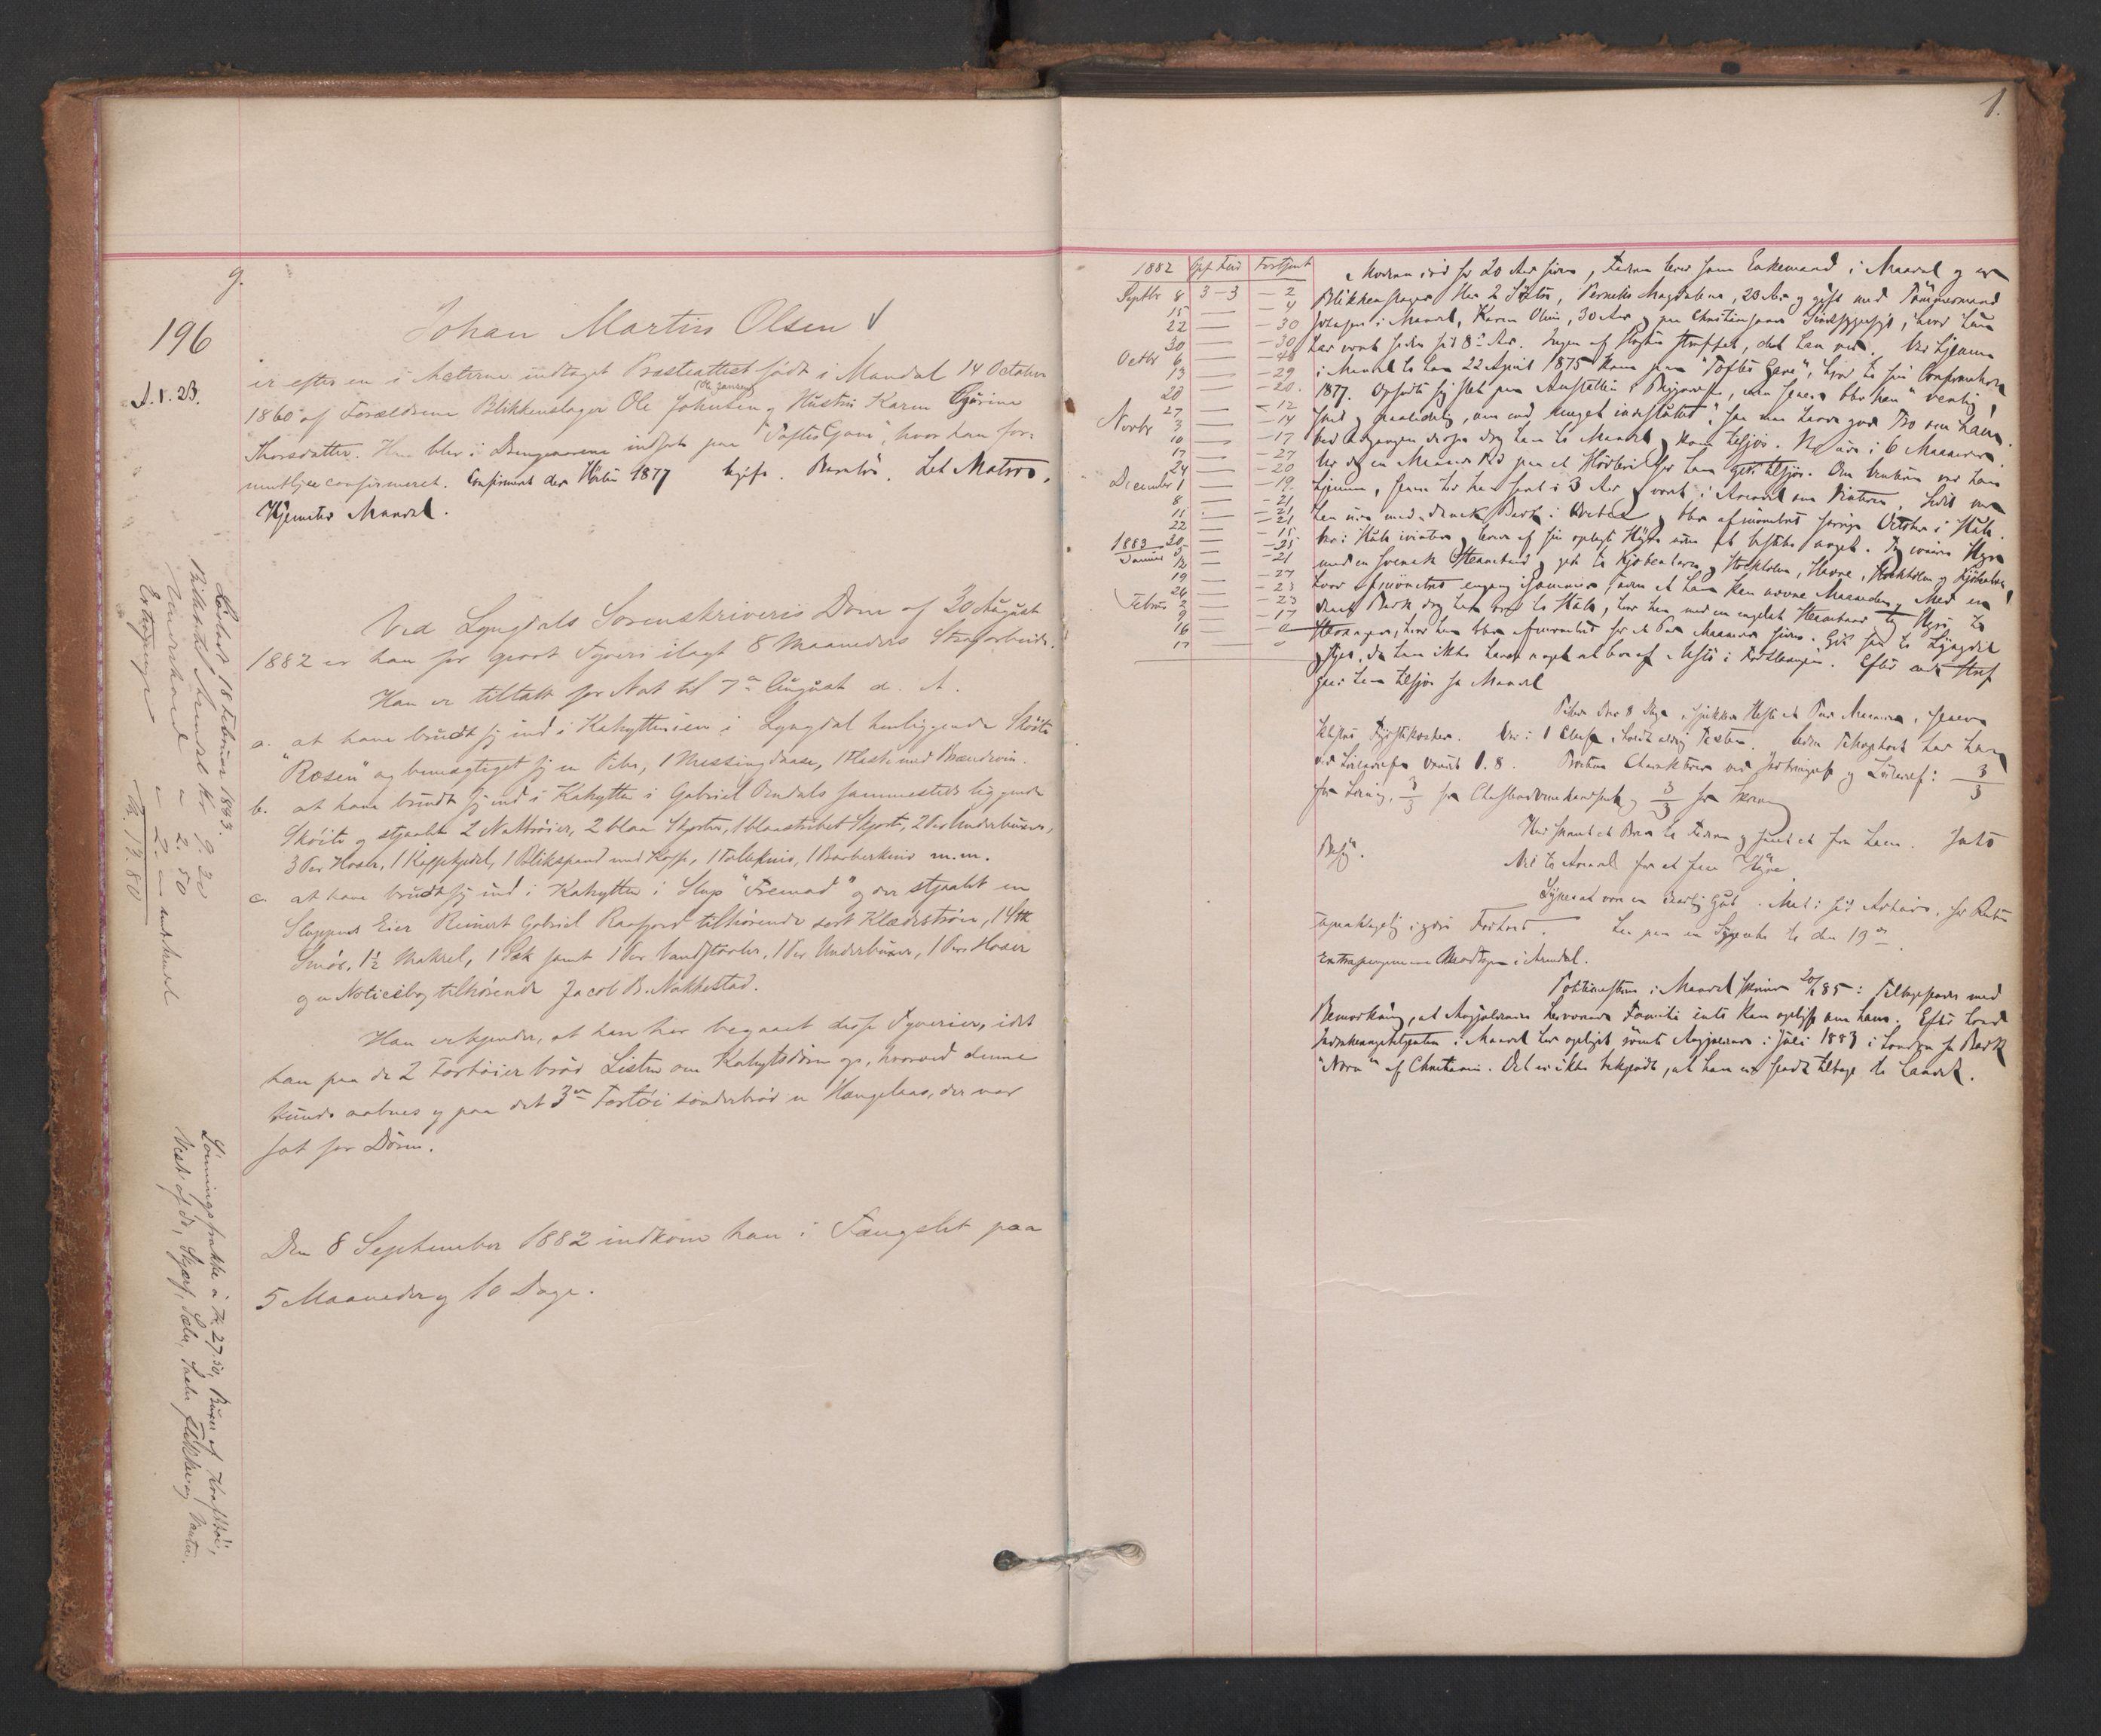 RA, Botsfengslet, D/Db/Dbb/L0021: 196g - 484g, 1882-1884, s. 1